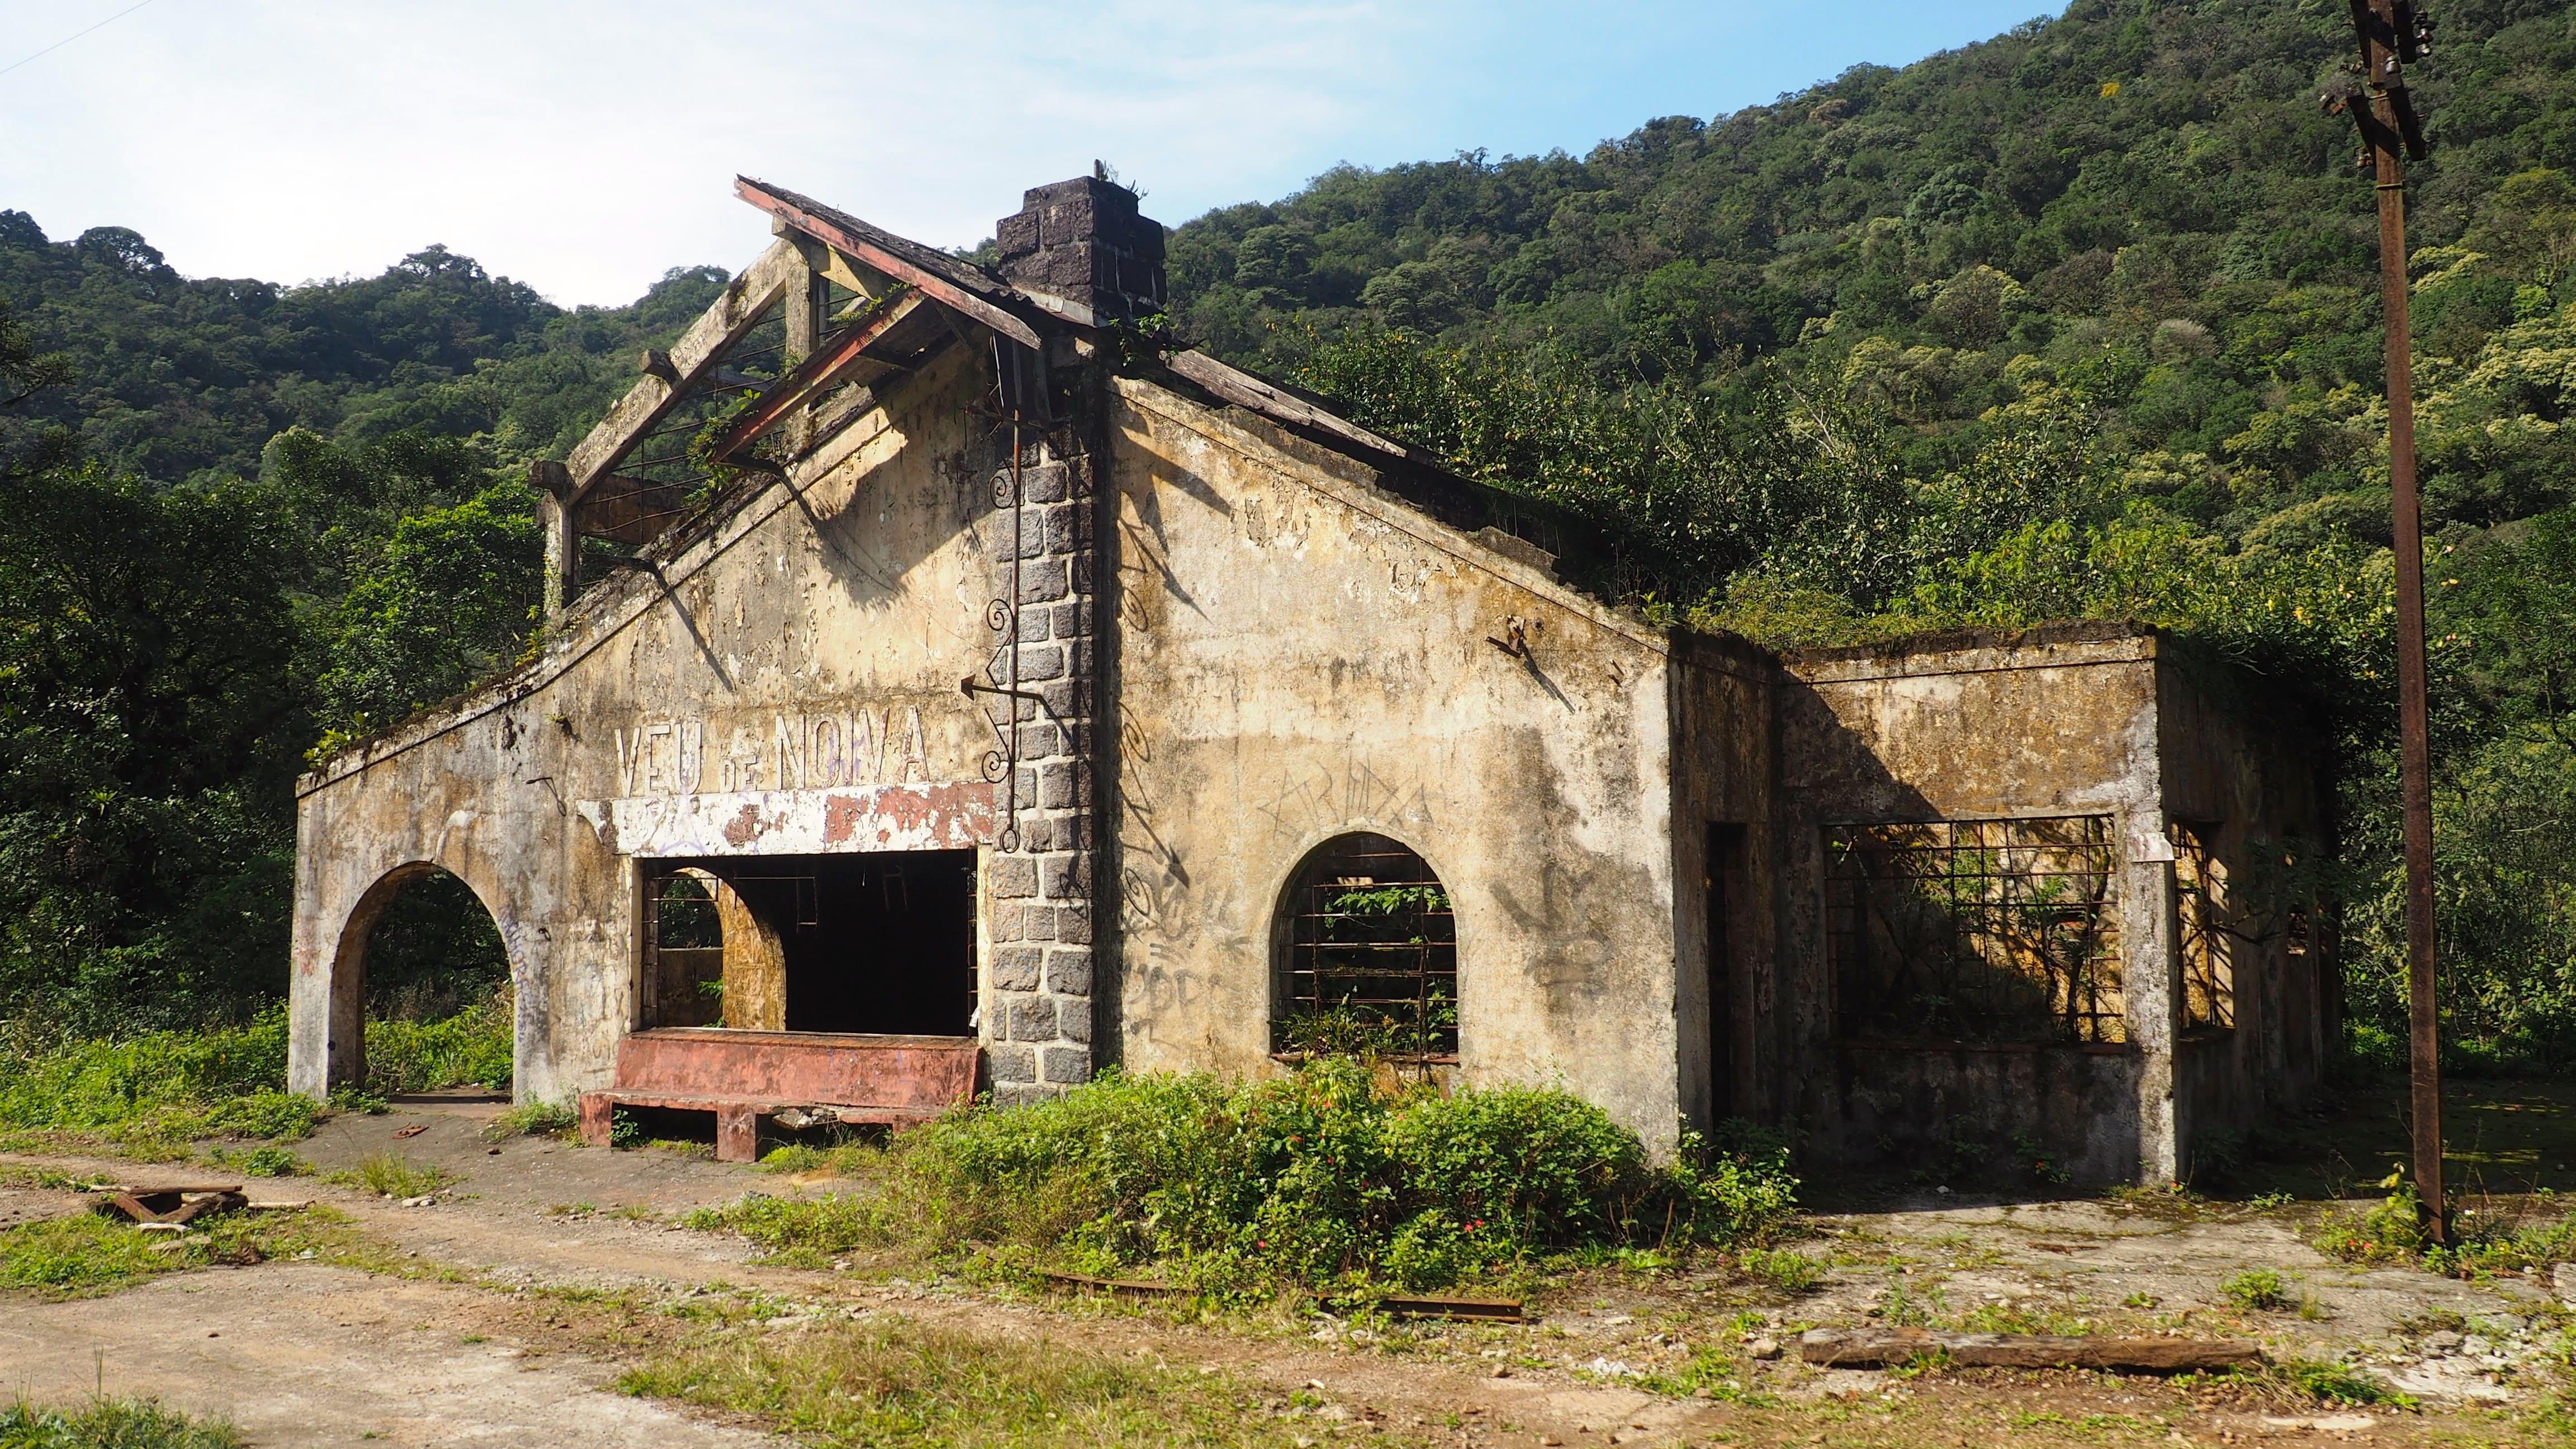 Estación abandonada en el trayecto del Serra Verde Express